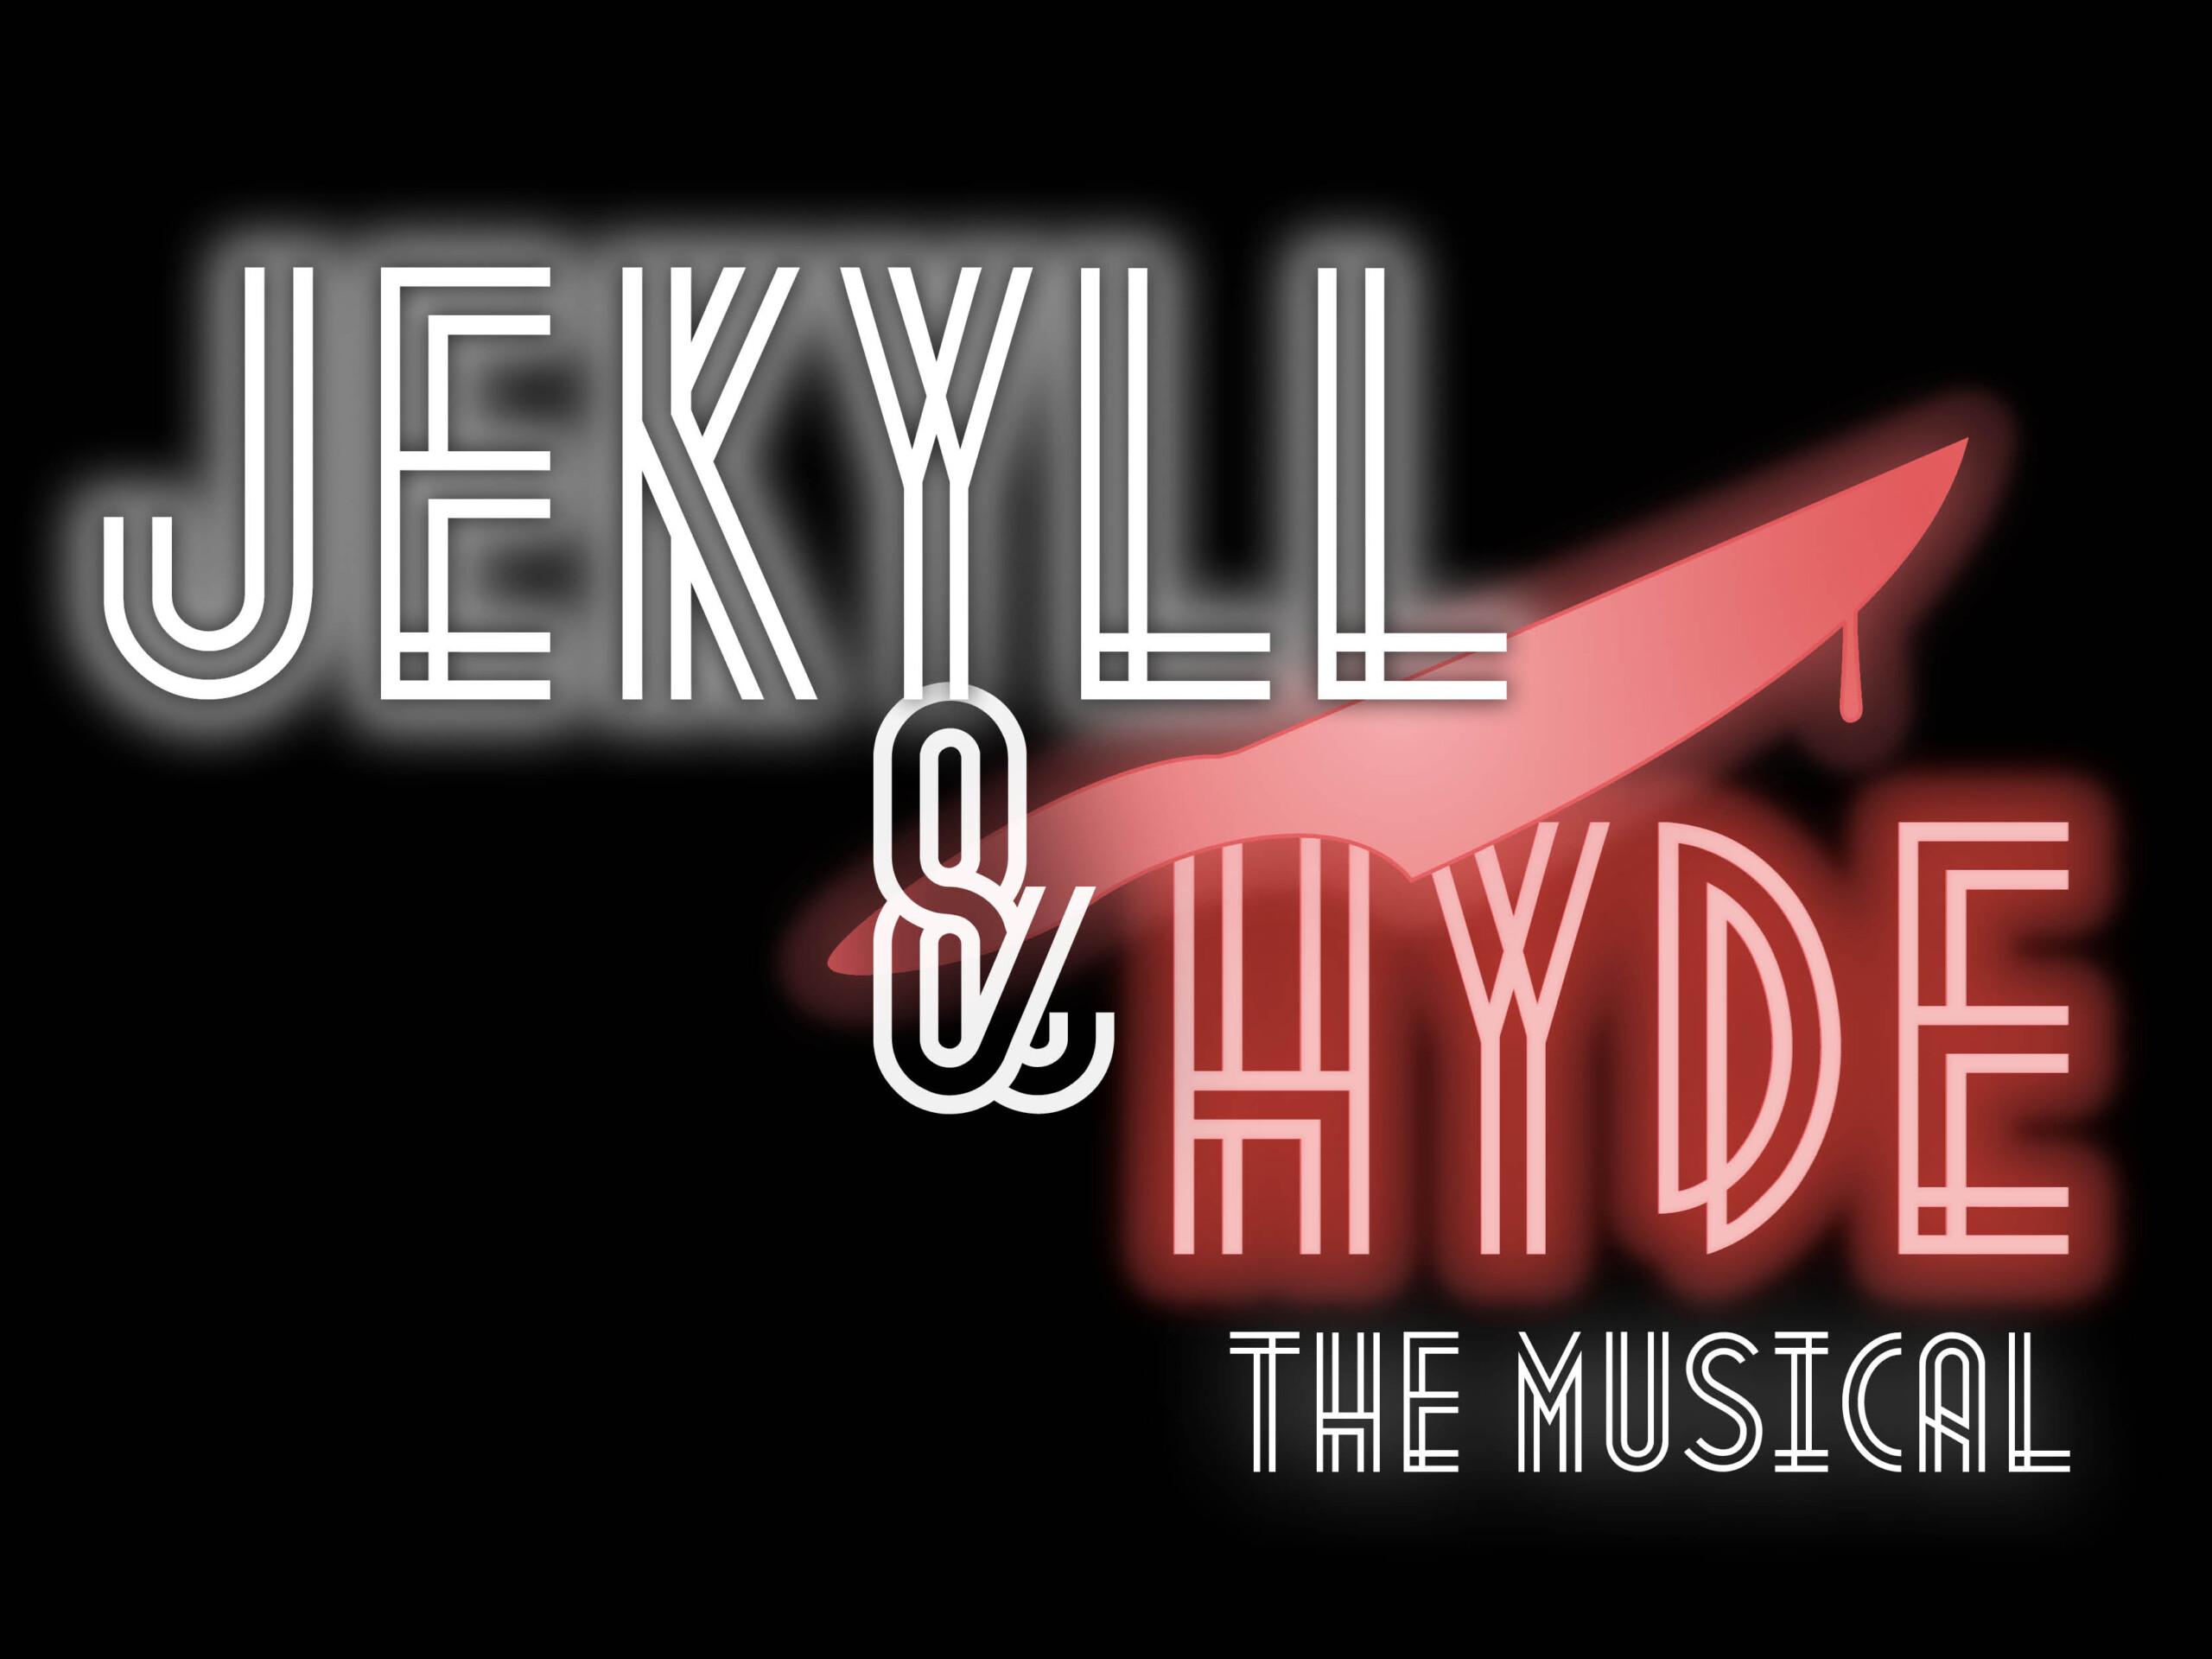 Jekyll and Hyde logo